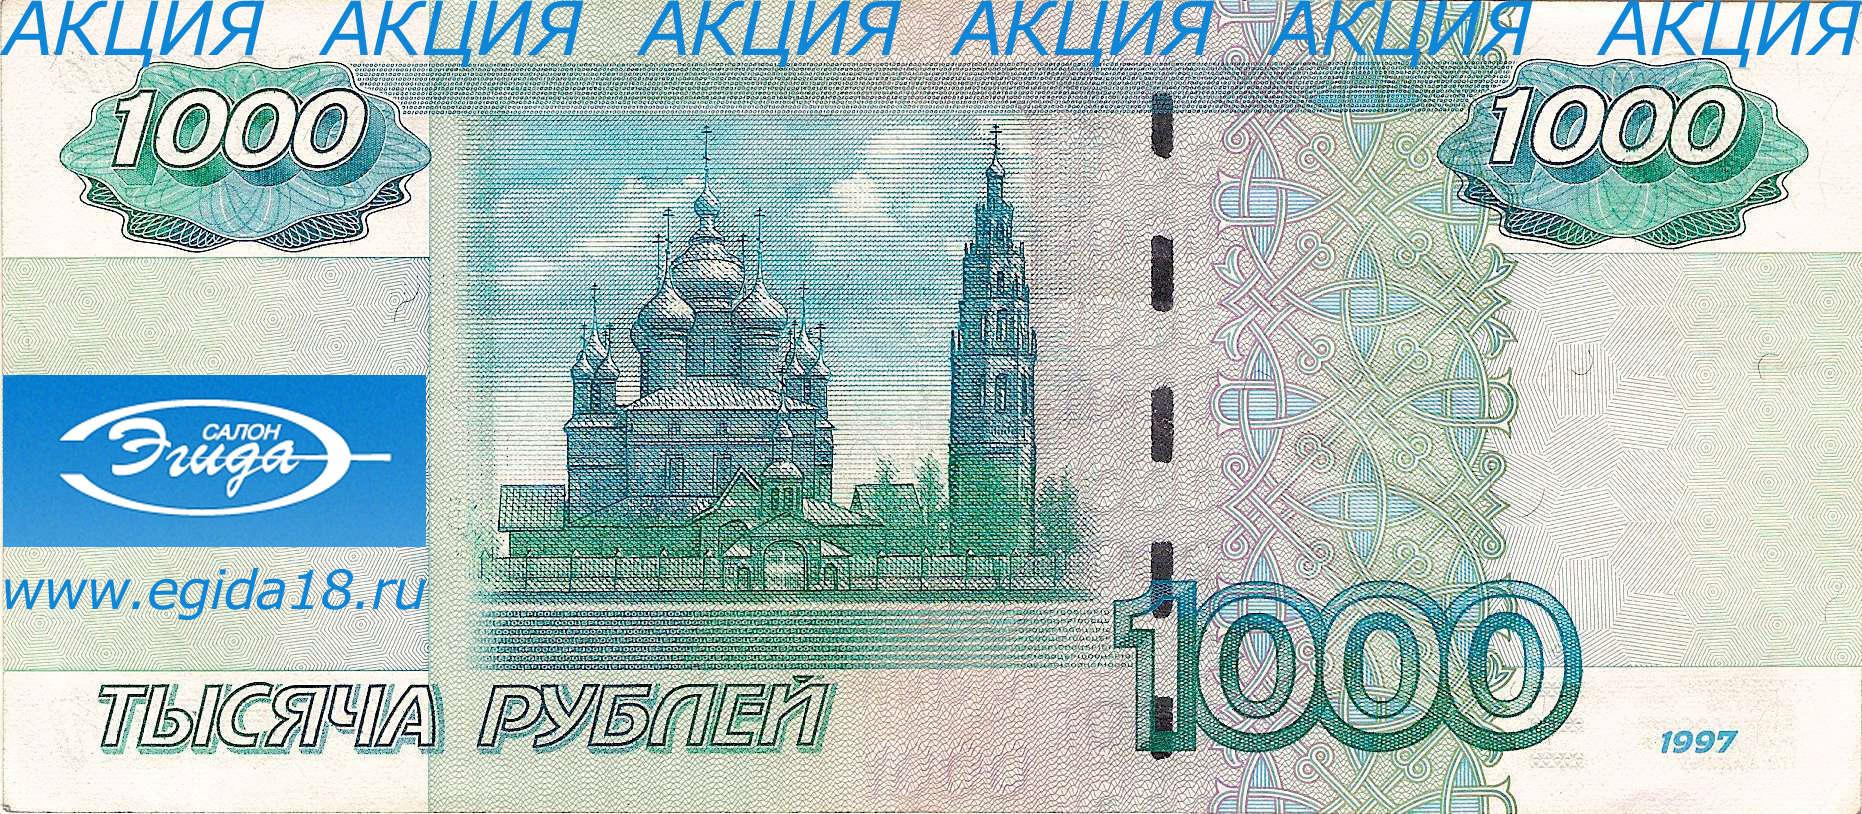 Купить ковры в Москве и Спб с доставкой по России - Ами ...